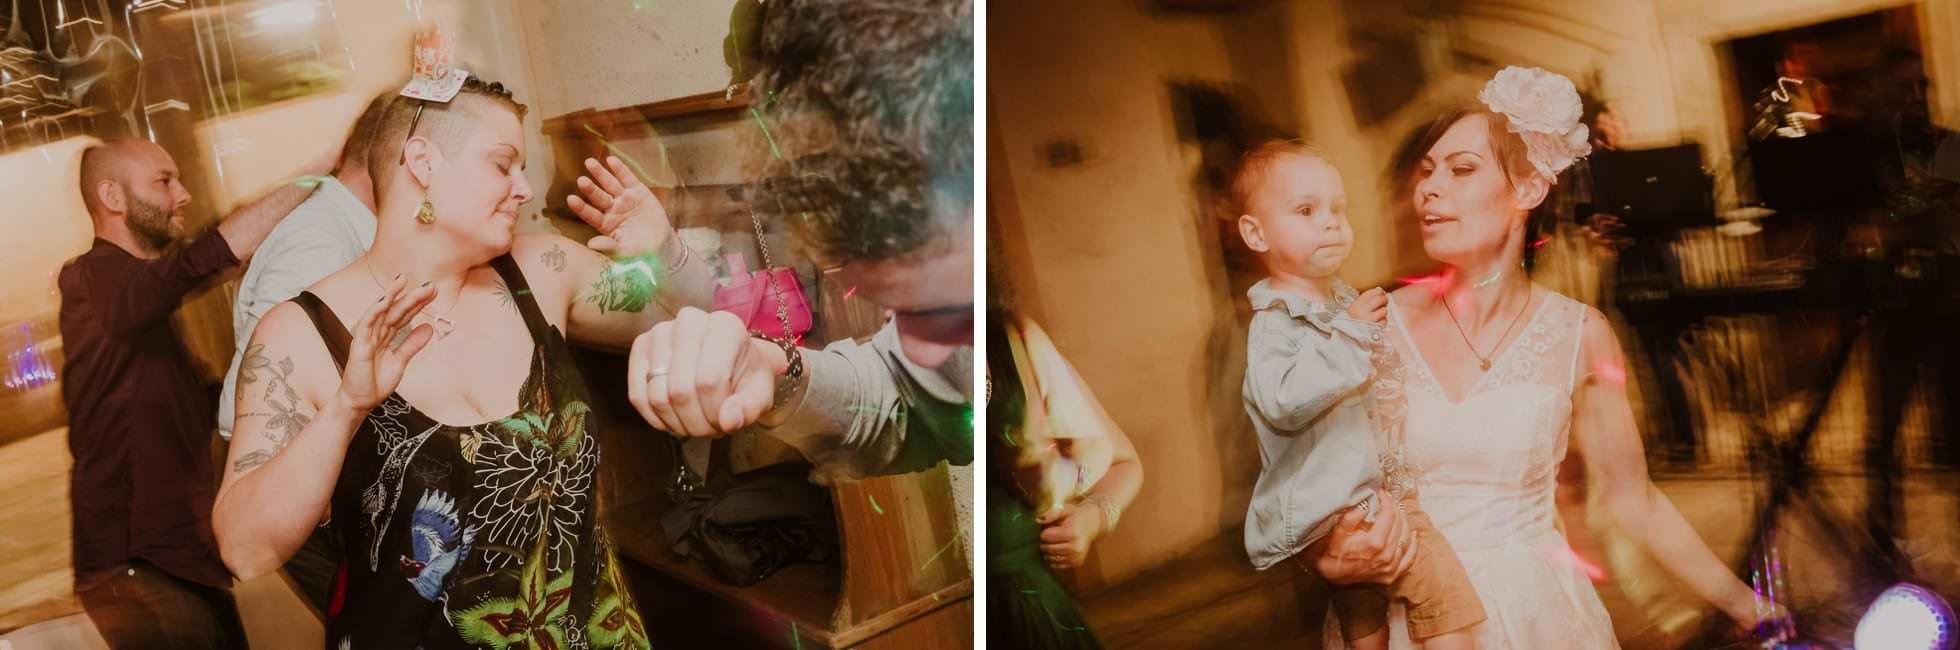 fotografo matrimoni varese